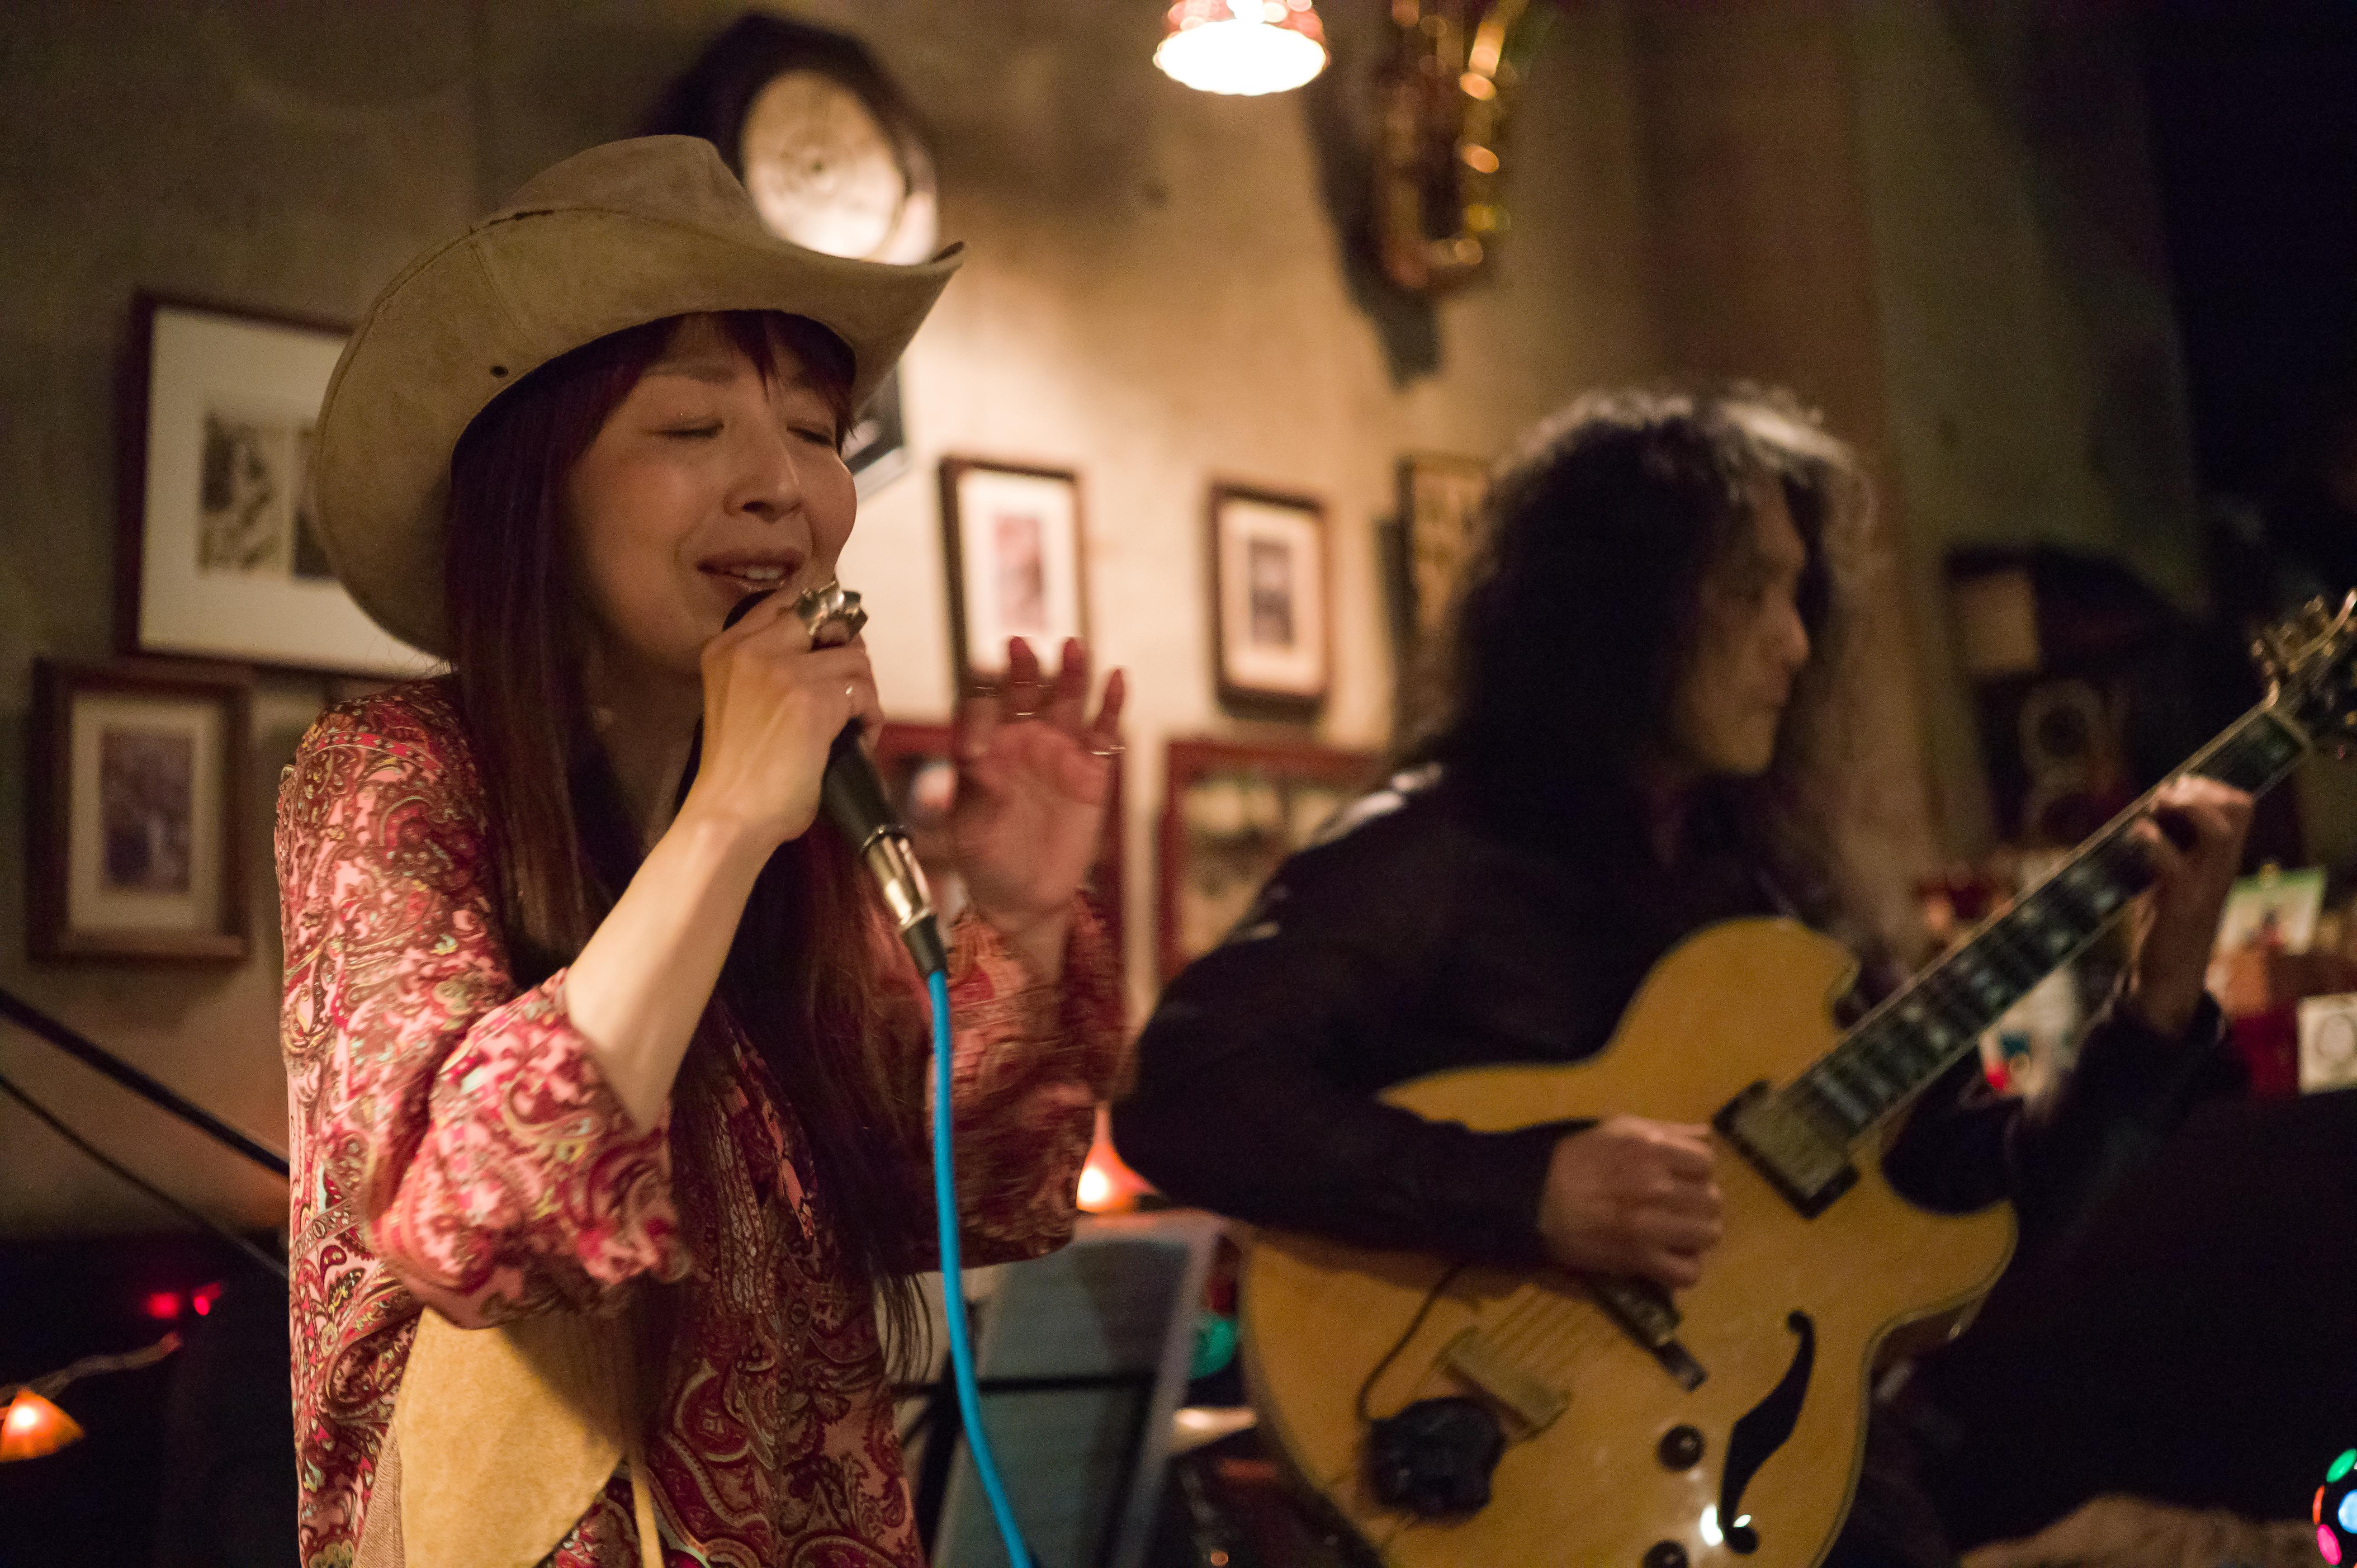 Mayumi  /  Kazz 遠藤